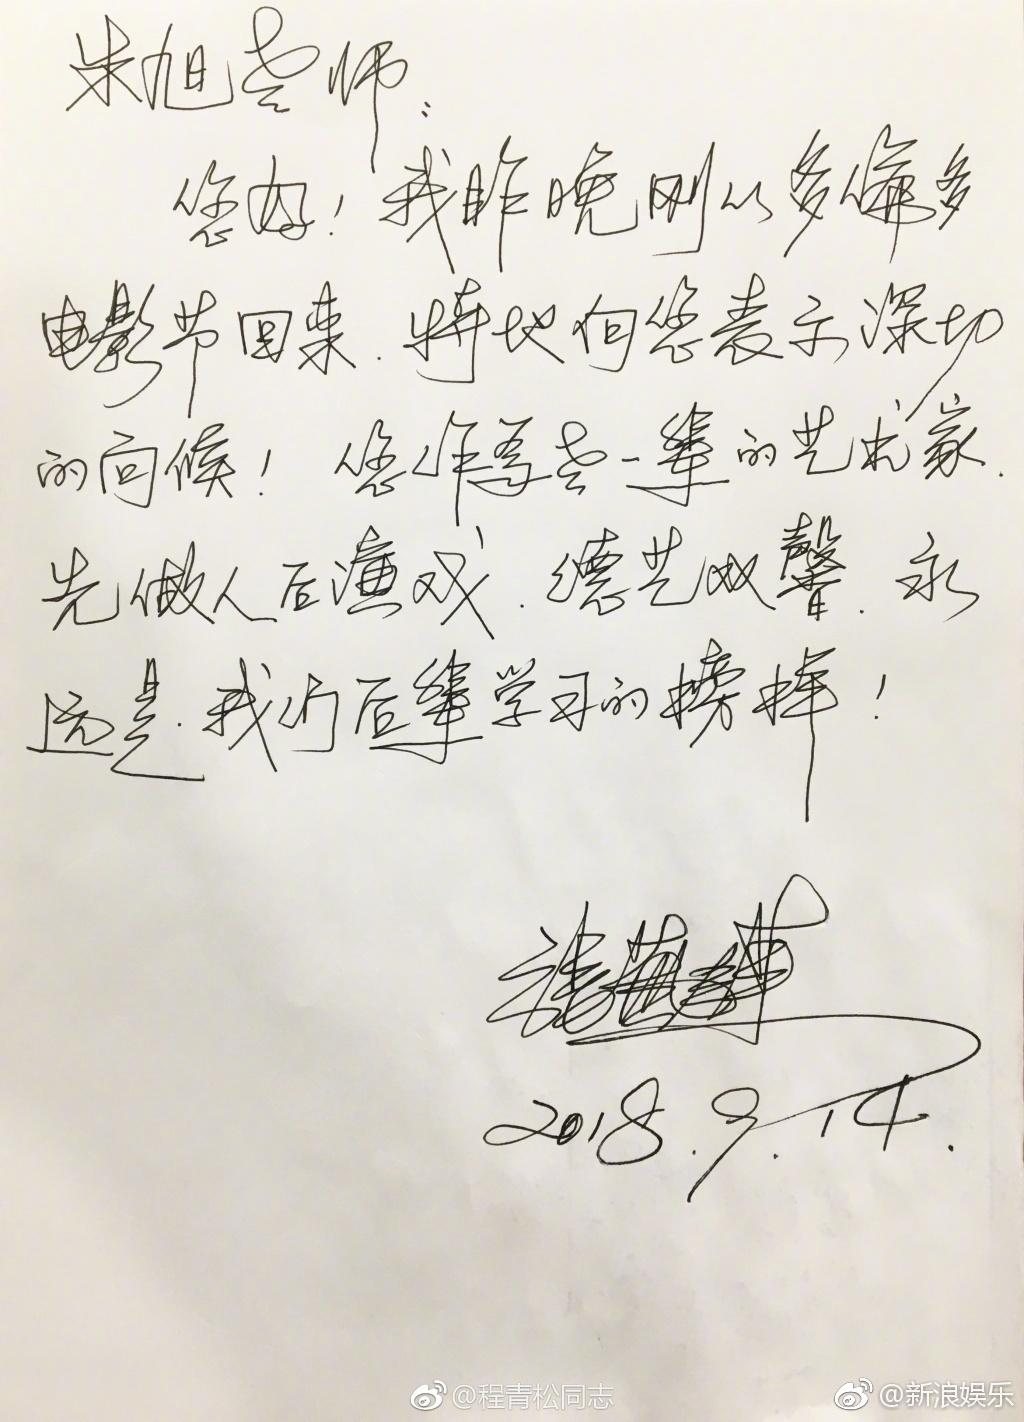 表演艺术家朱旭去世,一场戏演6个角色,和濮存昕喝酒吃镇痛片